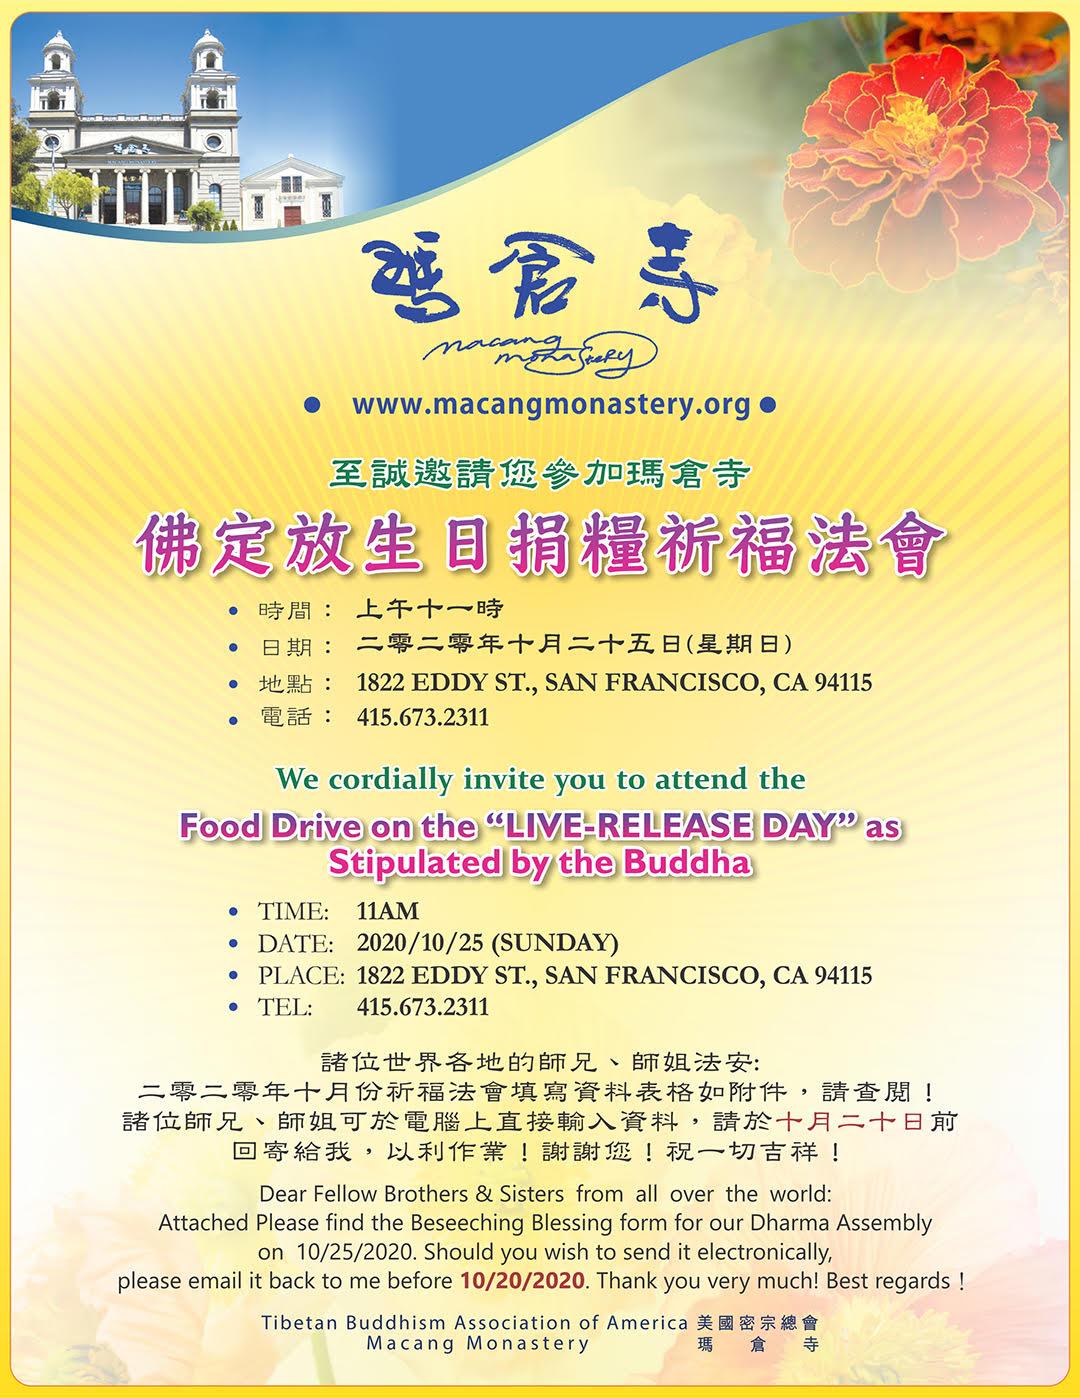 """2020年10月25日瑪倉寺""""佛定放生日""""捐糧祈福法會 Food Drive In Celebration On The """"Lives-Release Day""""As Stripulated By The Buddha"""